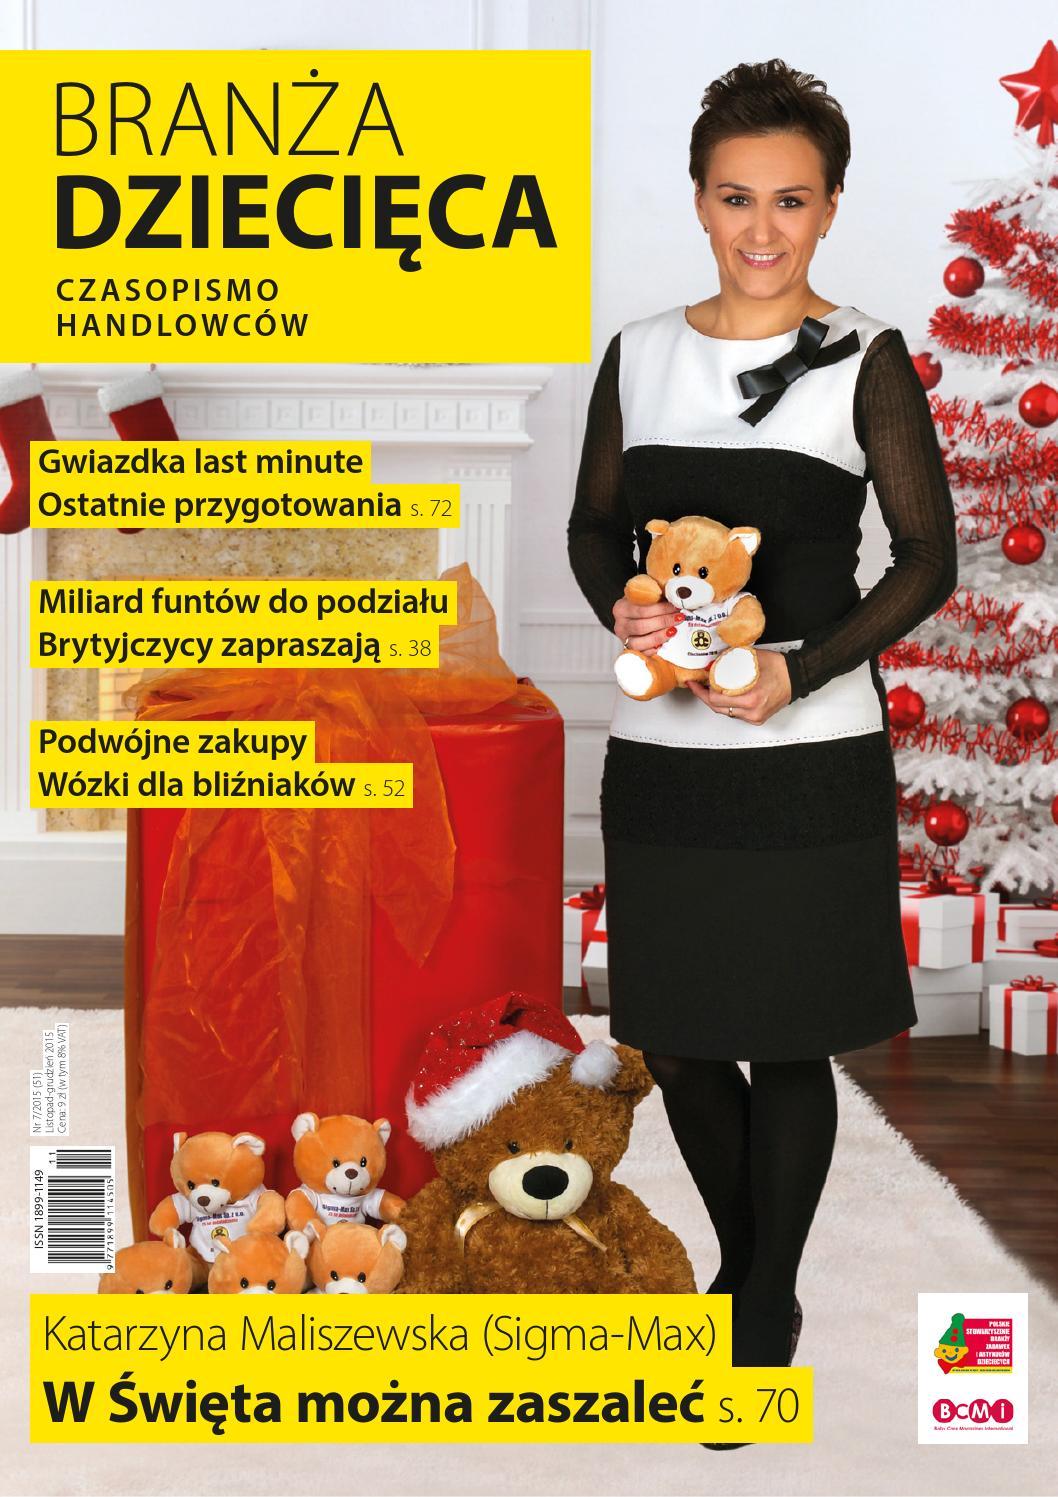 49d106388fd4c7 Branża Dziecięca 7/2015 by Branża Dziecięca - issuu